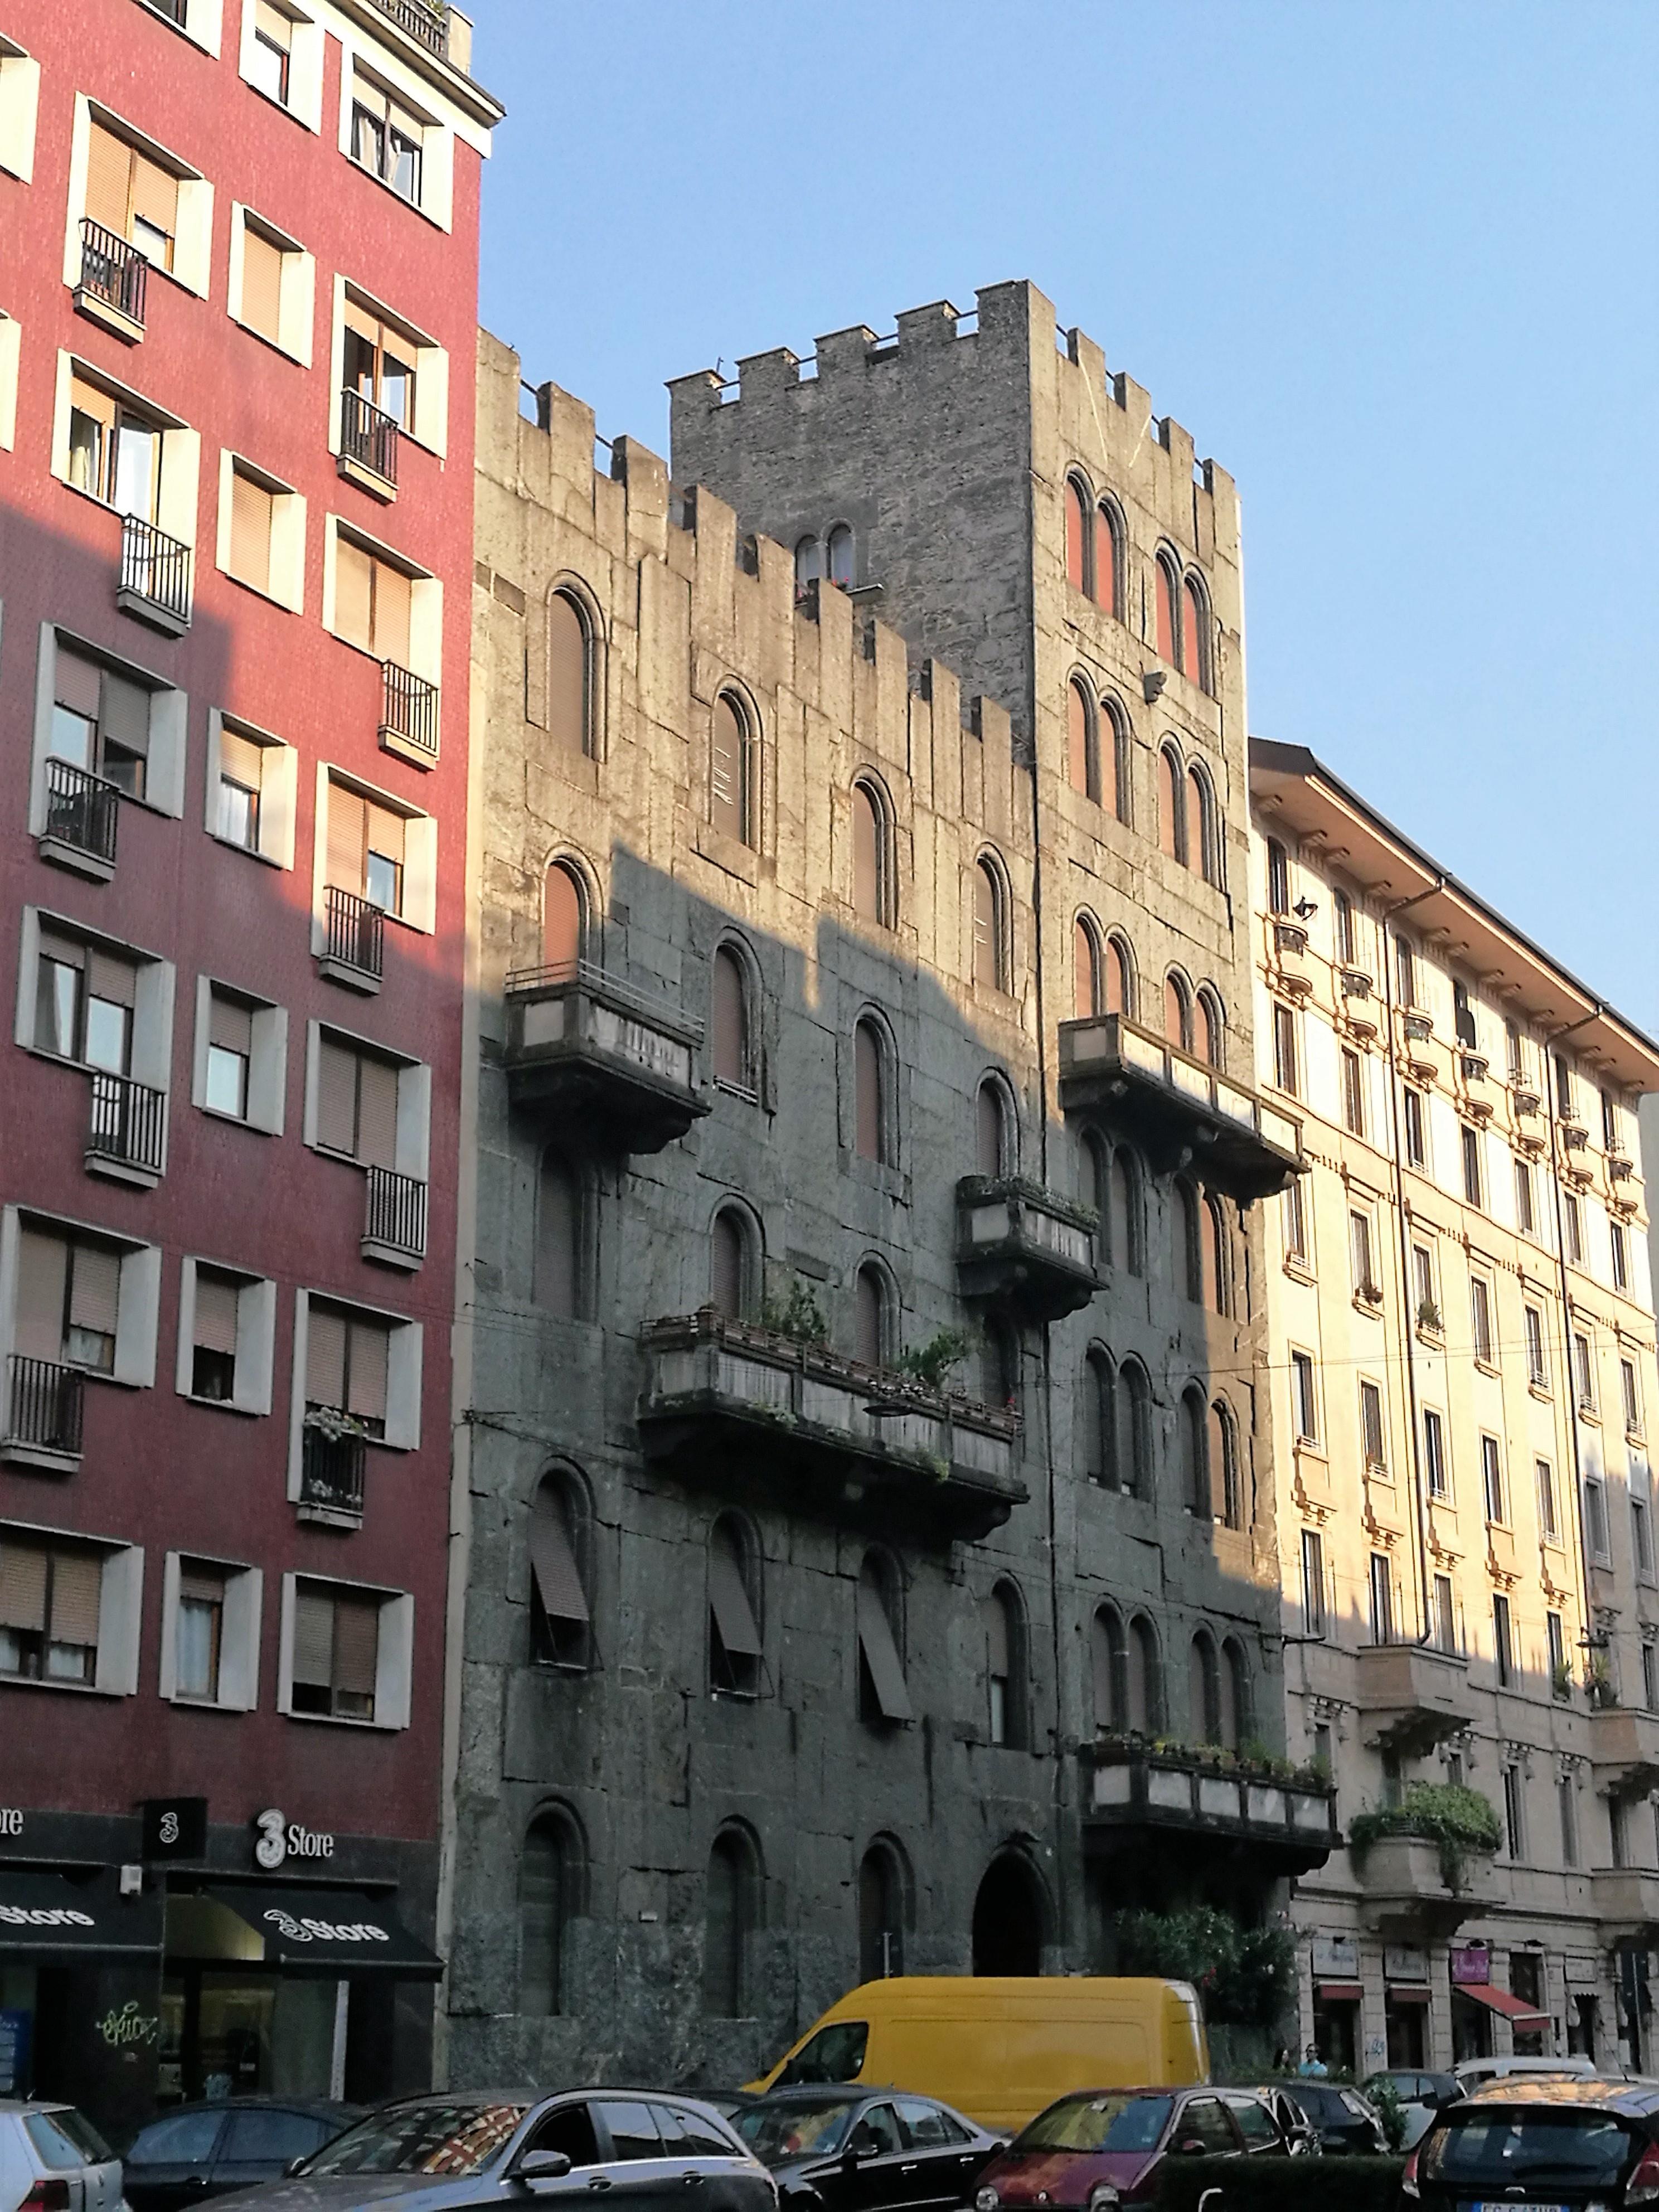 Il Castello in viale Monza